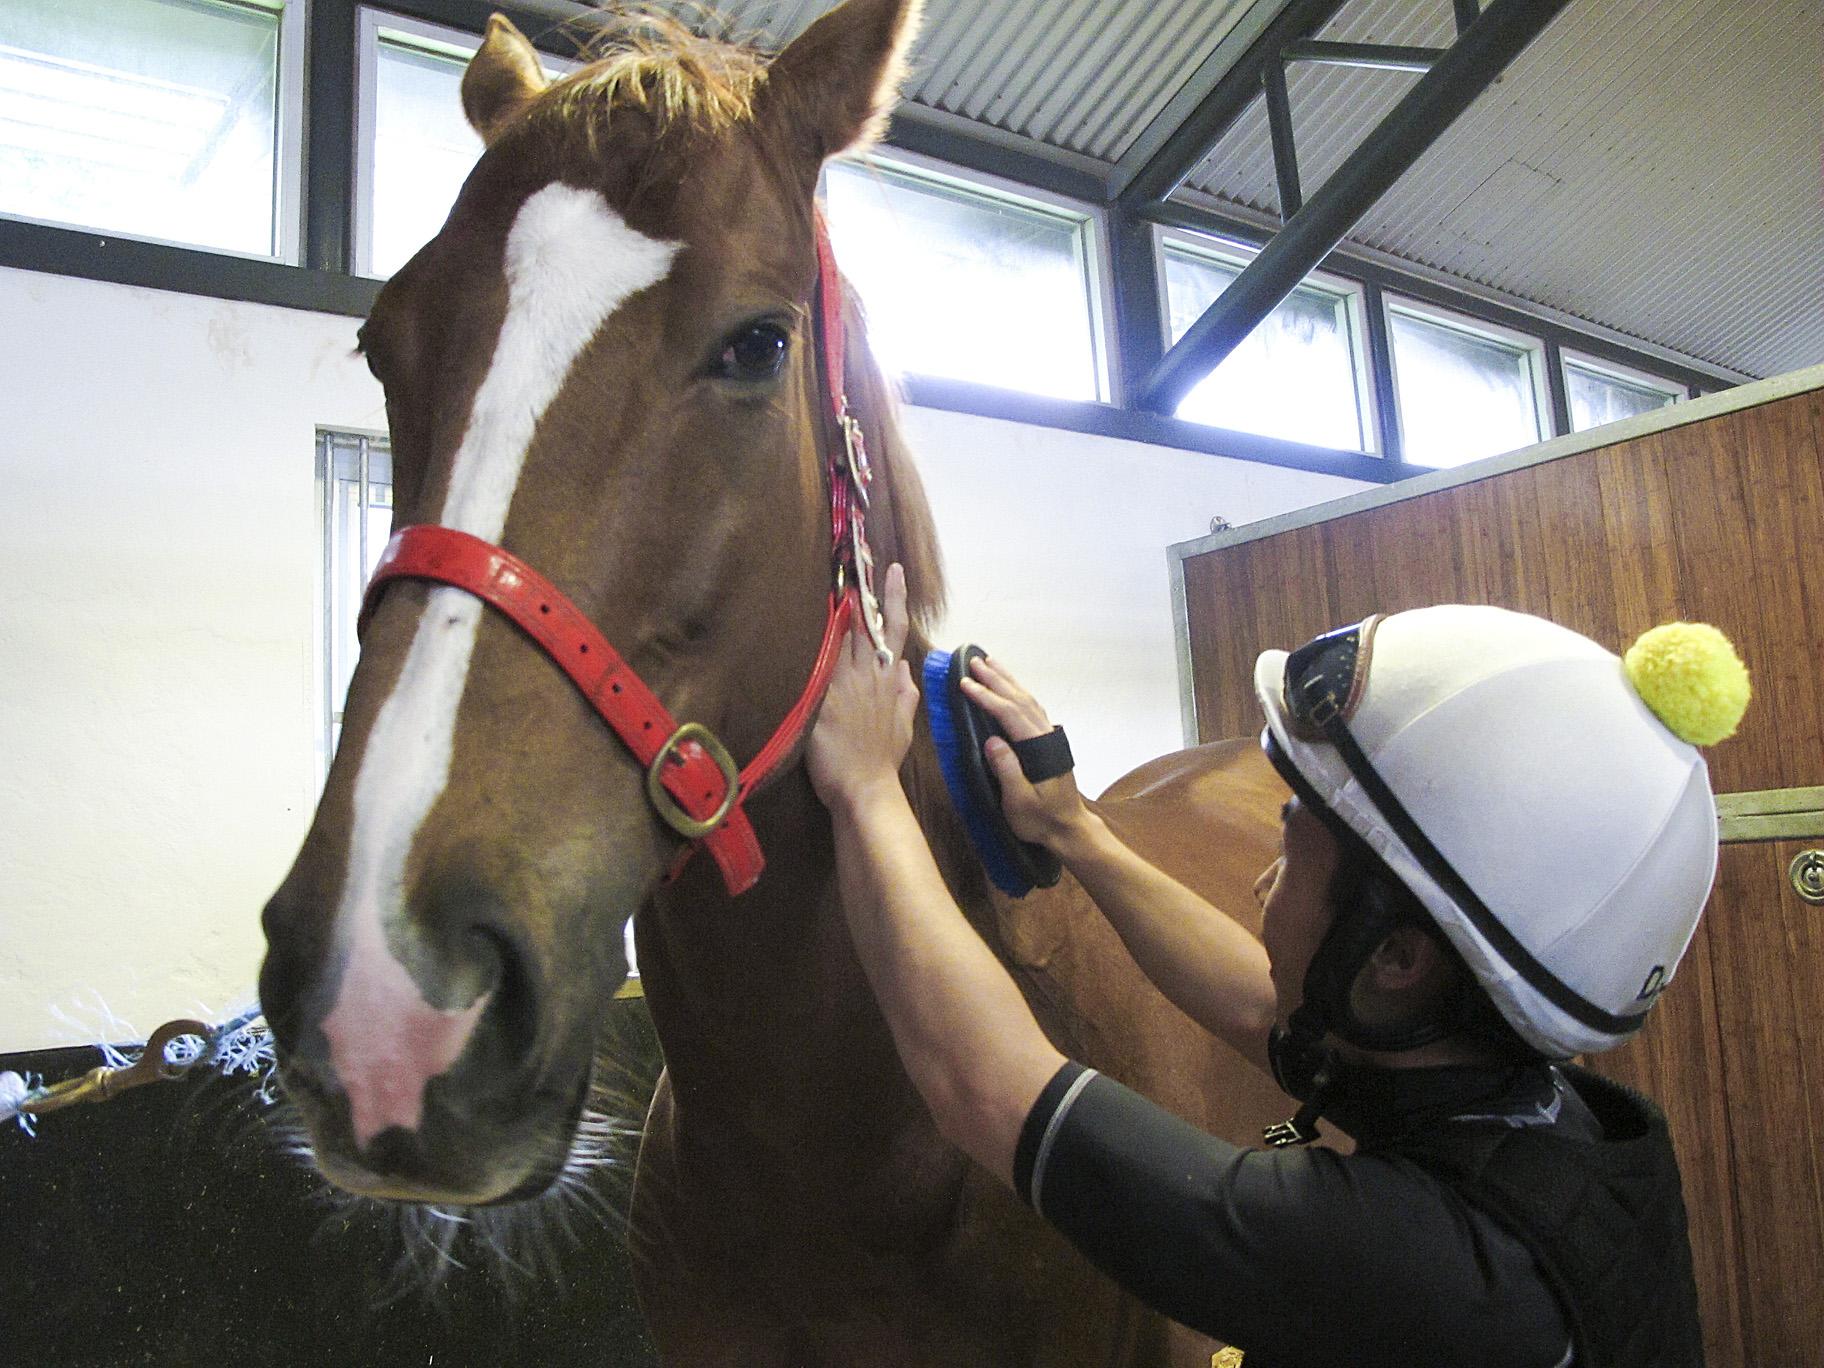 馬會聘賽事見習學員-讀多幾年書先入行-上馬都會怕